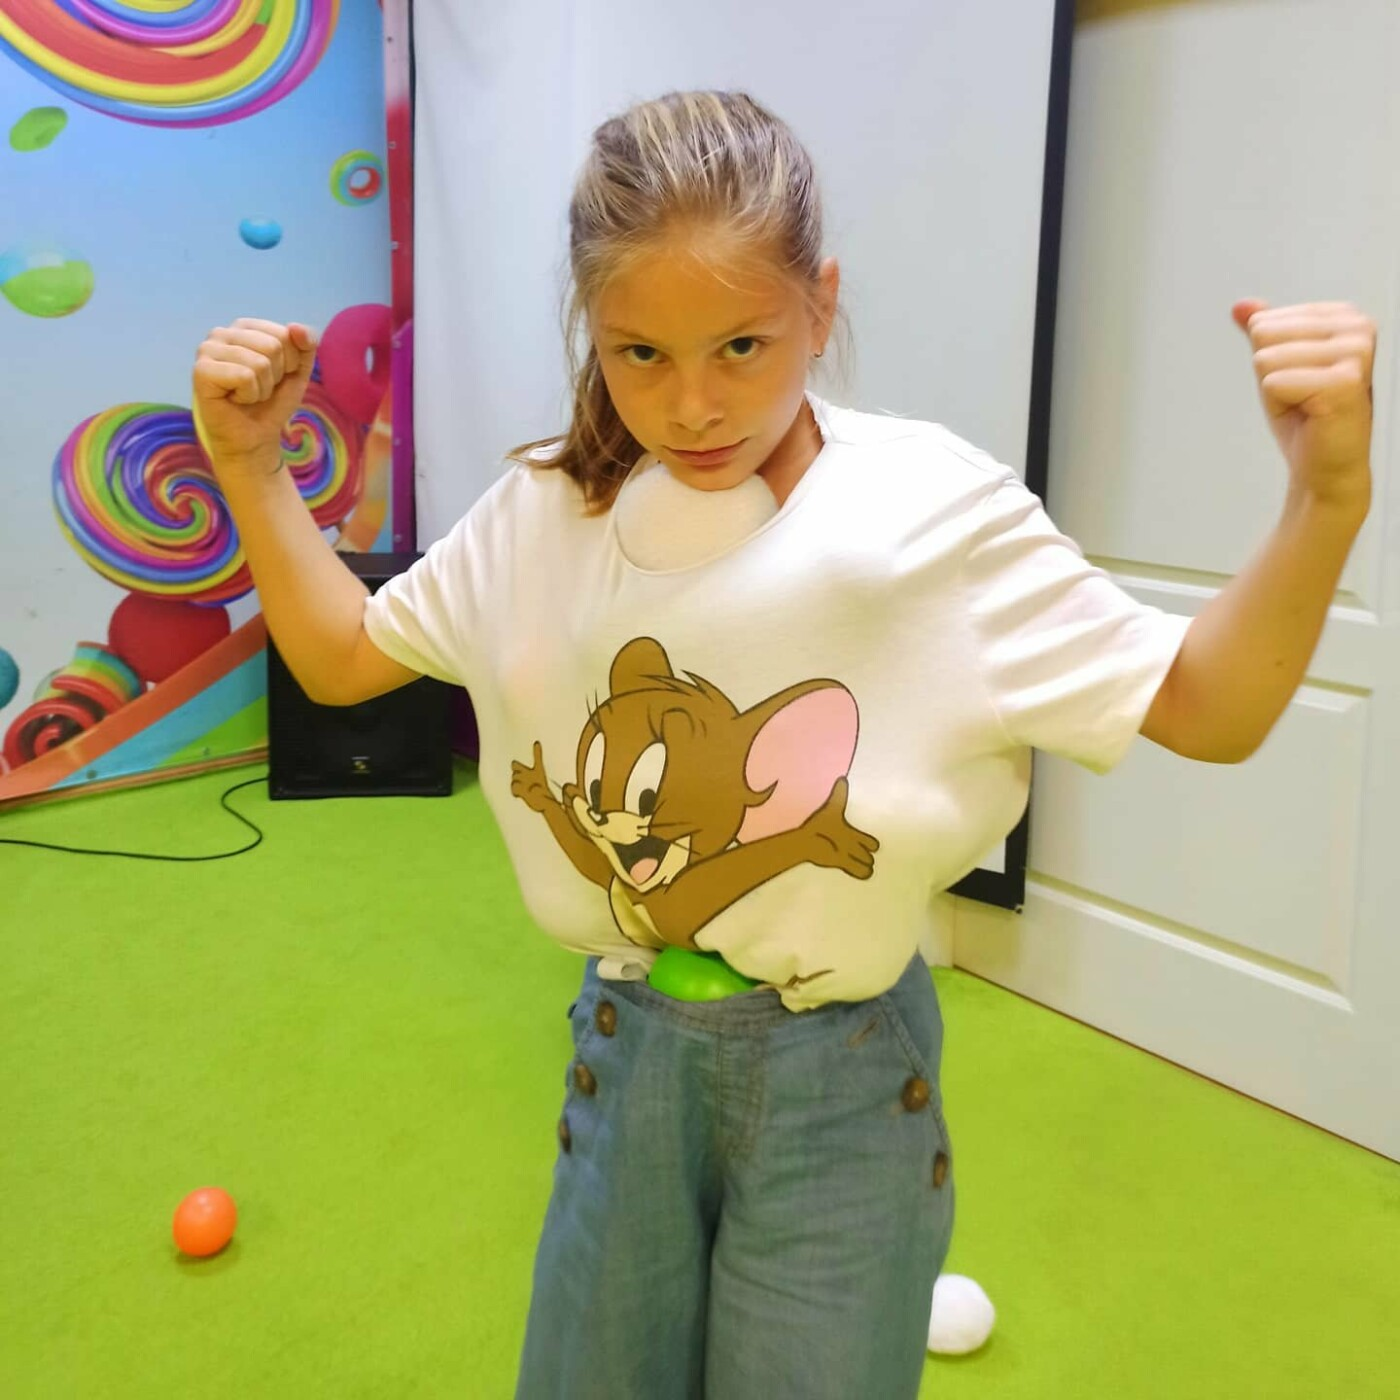 Развитие и образование ребенка в Николаеве, лучшие условия для ваших детей, фото-12